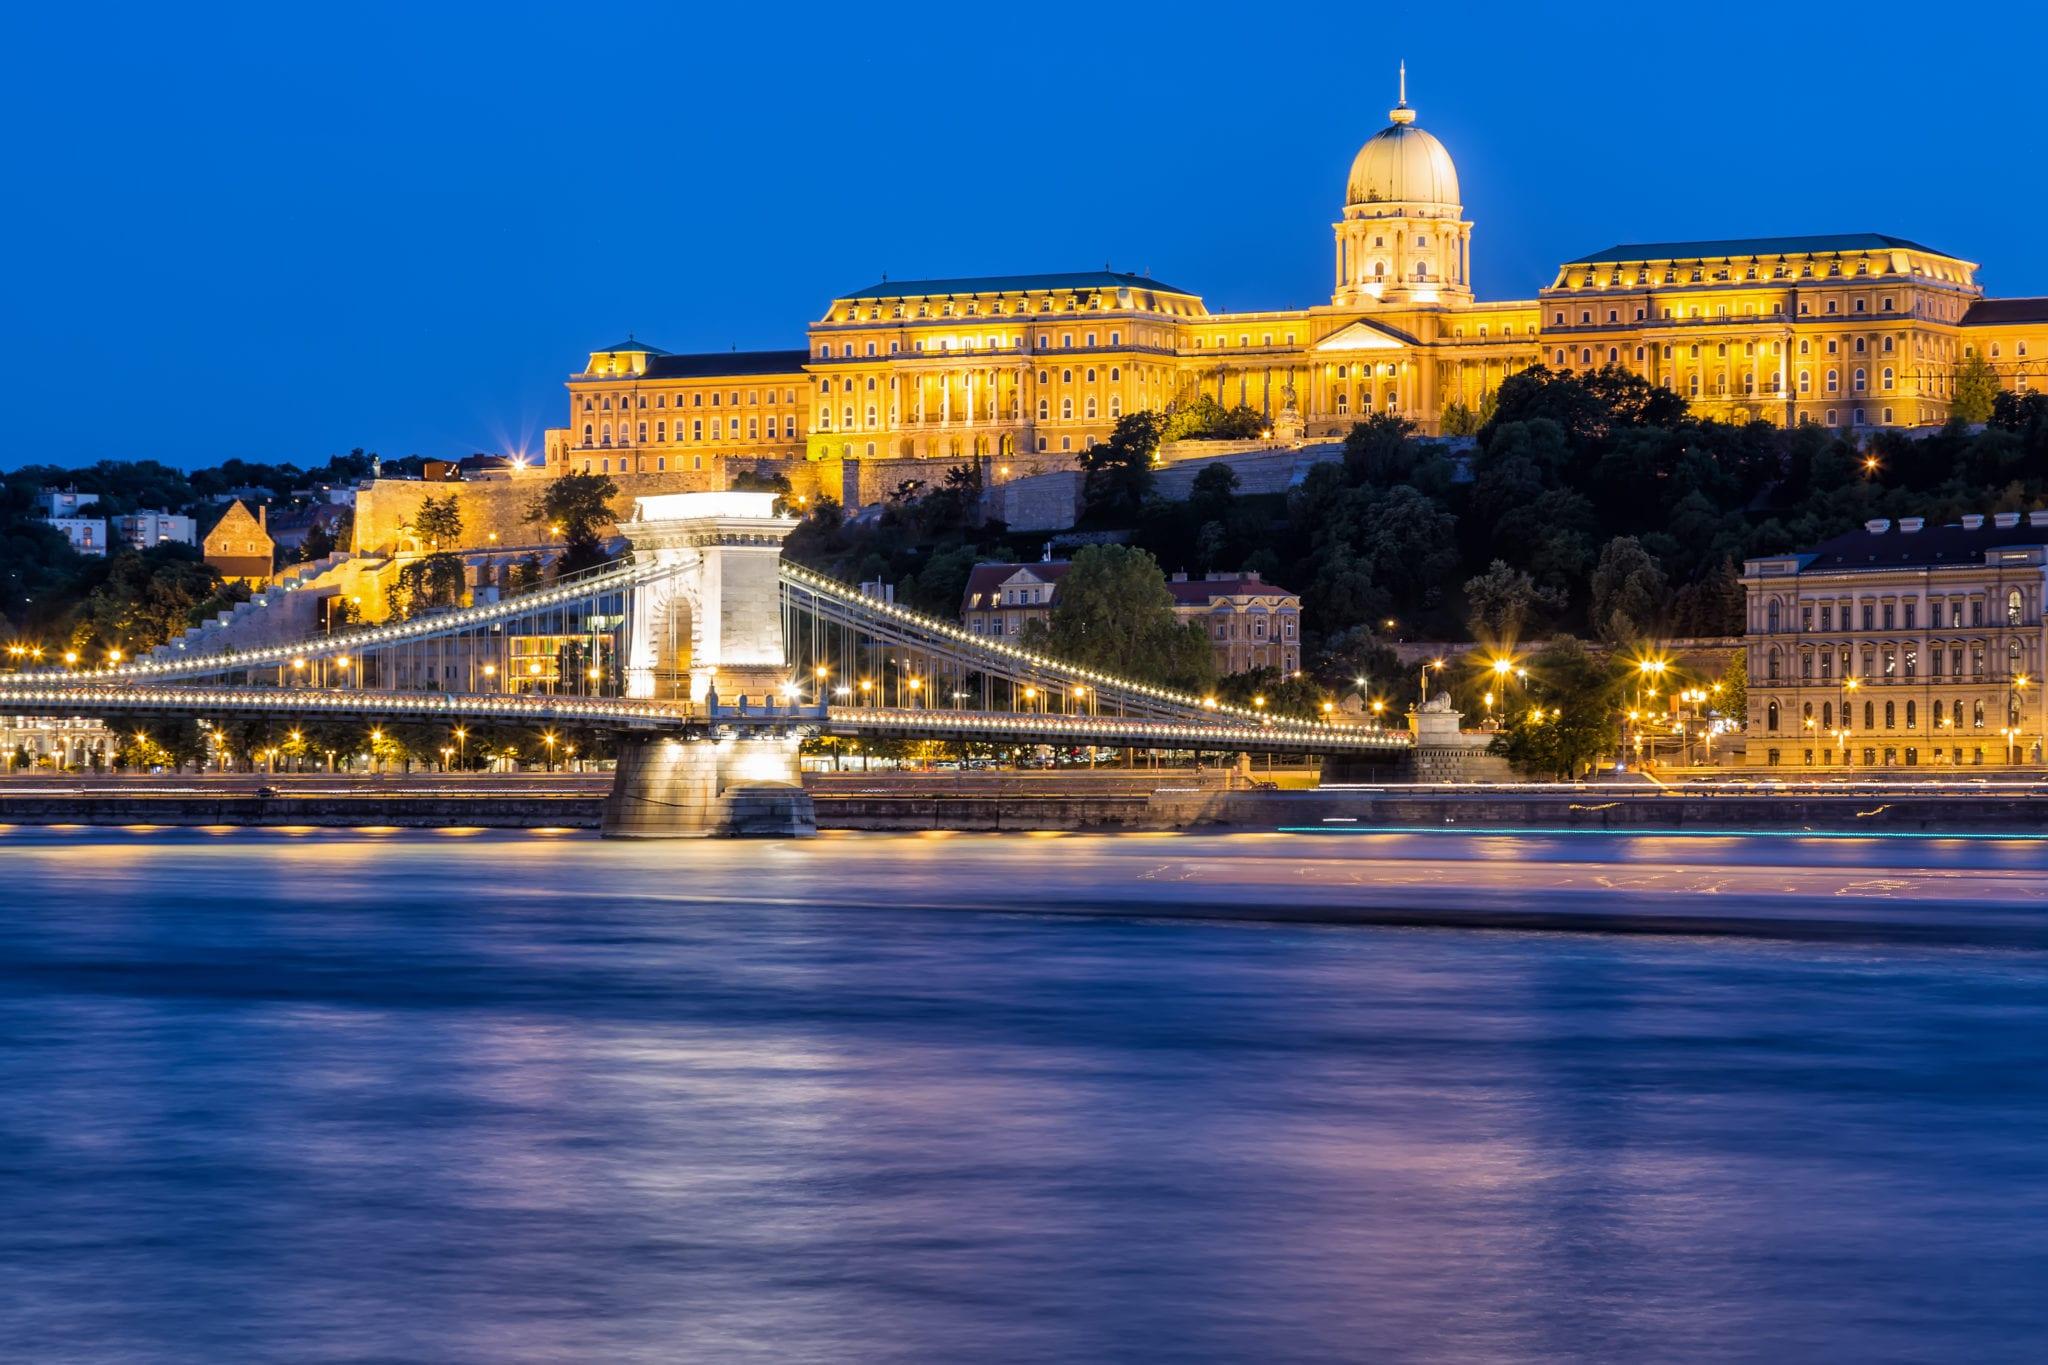 castelul buda scaled - Castelul Buda, bijuterie a arhitecturii aureolată de mistere întunecate